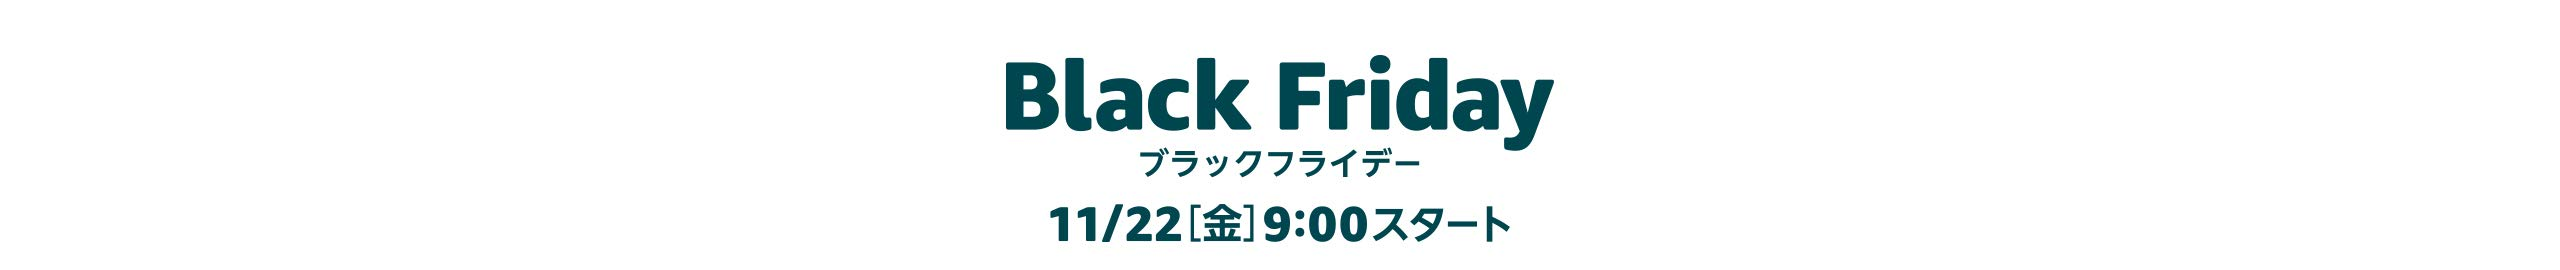 ブラックフライデー Black Friday Amazon初の日本開催 エントリーで5,000ポイントが抽選で当たる